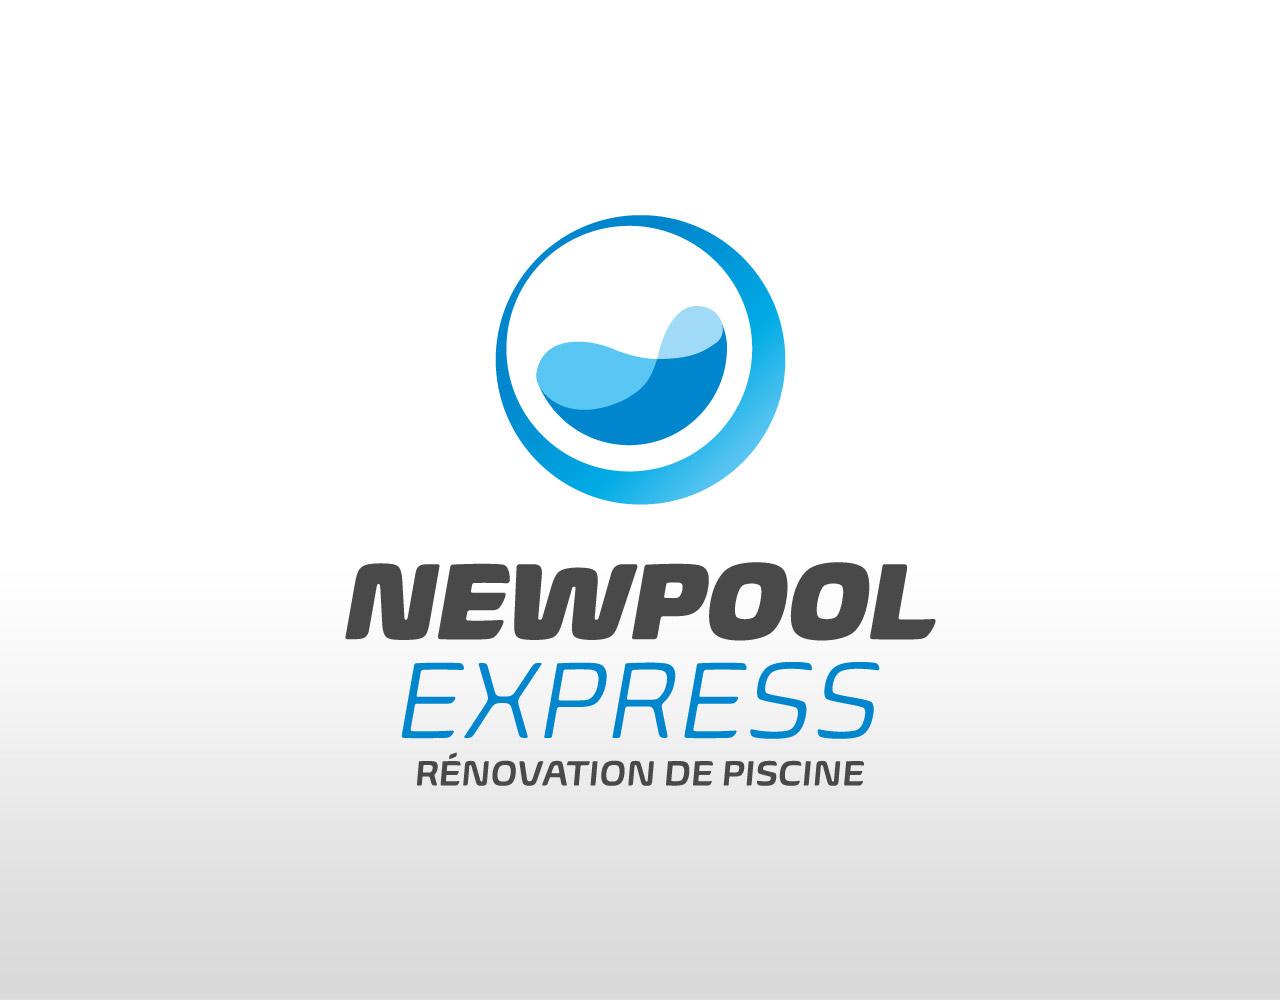 Création du logo Newpool Express